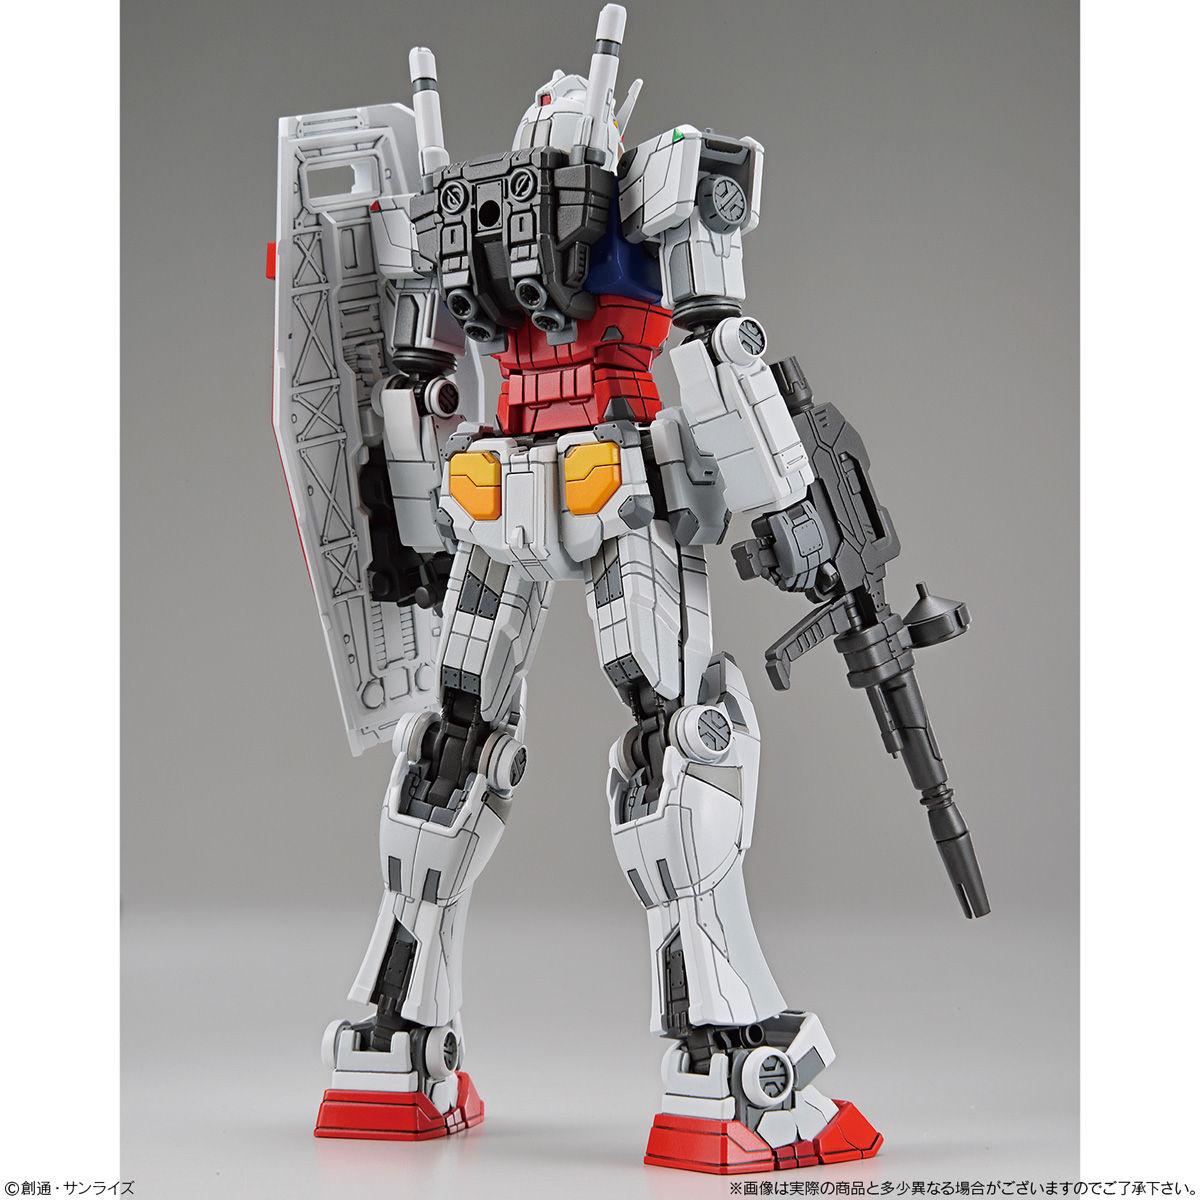 【先行販売】GUNDAM FACTORY YOKOHAMA『RX-78F00 ガンダム&ガンダムドック』1/144 プラモデル-003